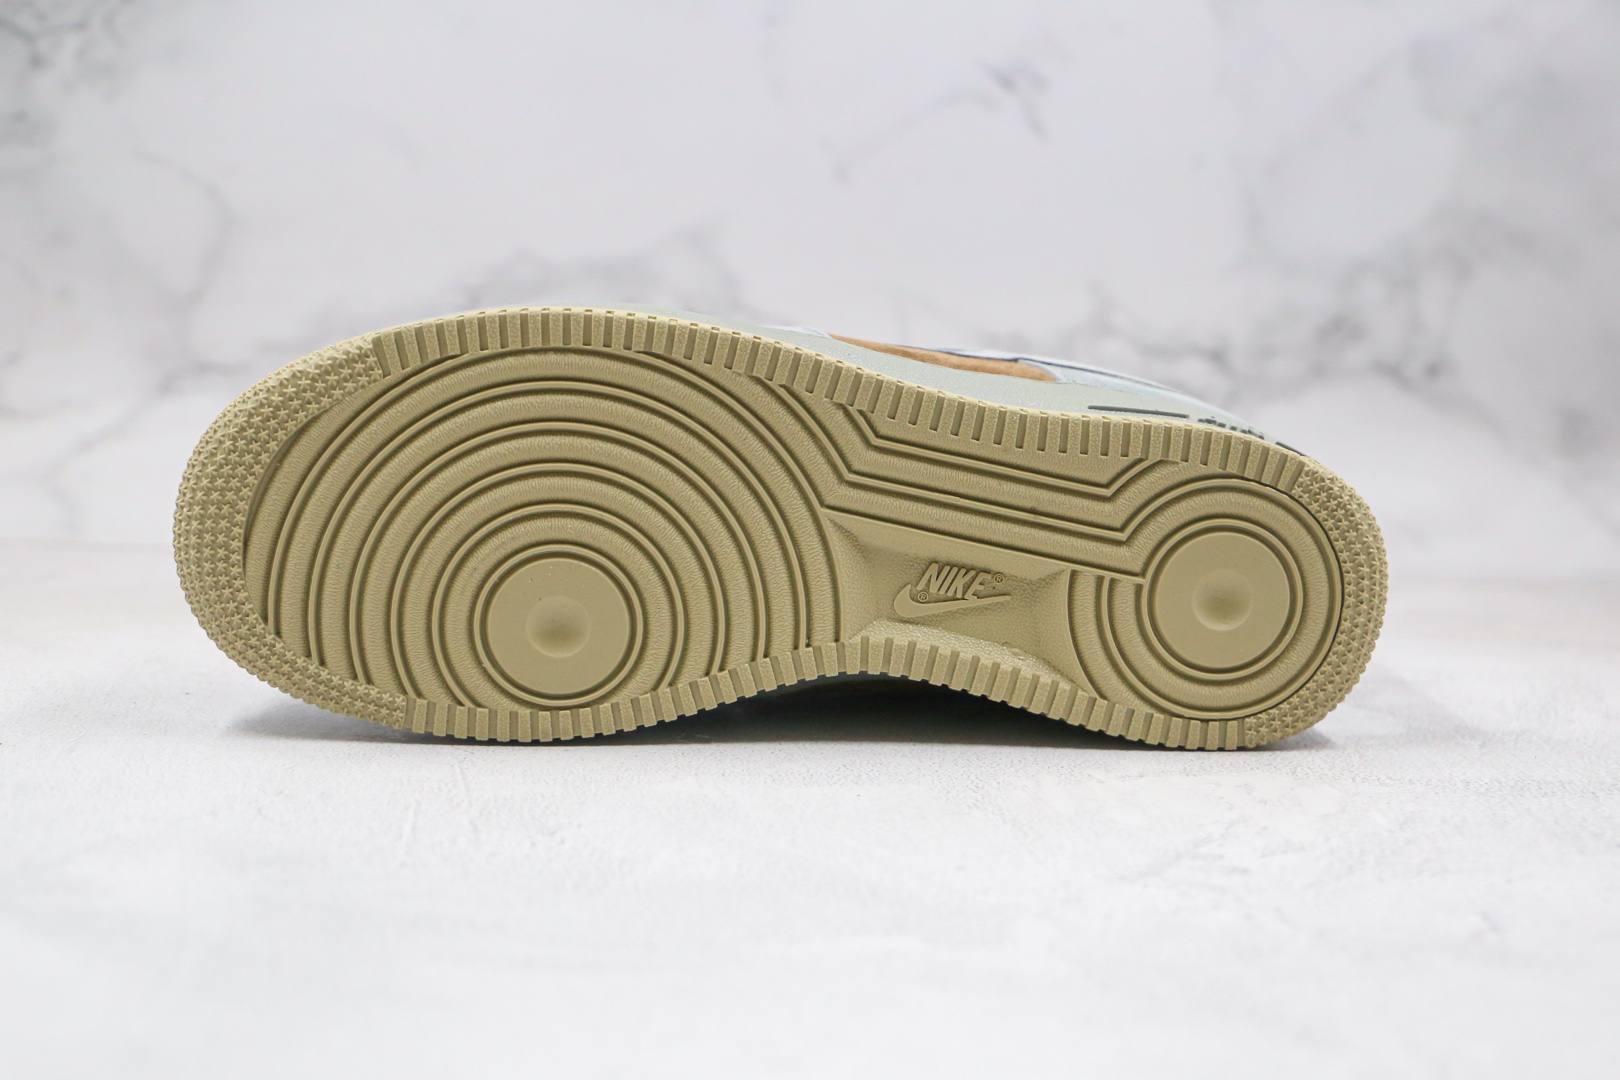 耐克Nike Air Force 1 Low Christmas纯原版本低帮空军一号圣诞节配色板鞋内置气垫原盒原标 货号:CQ5059-101